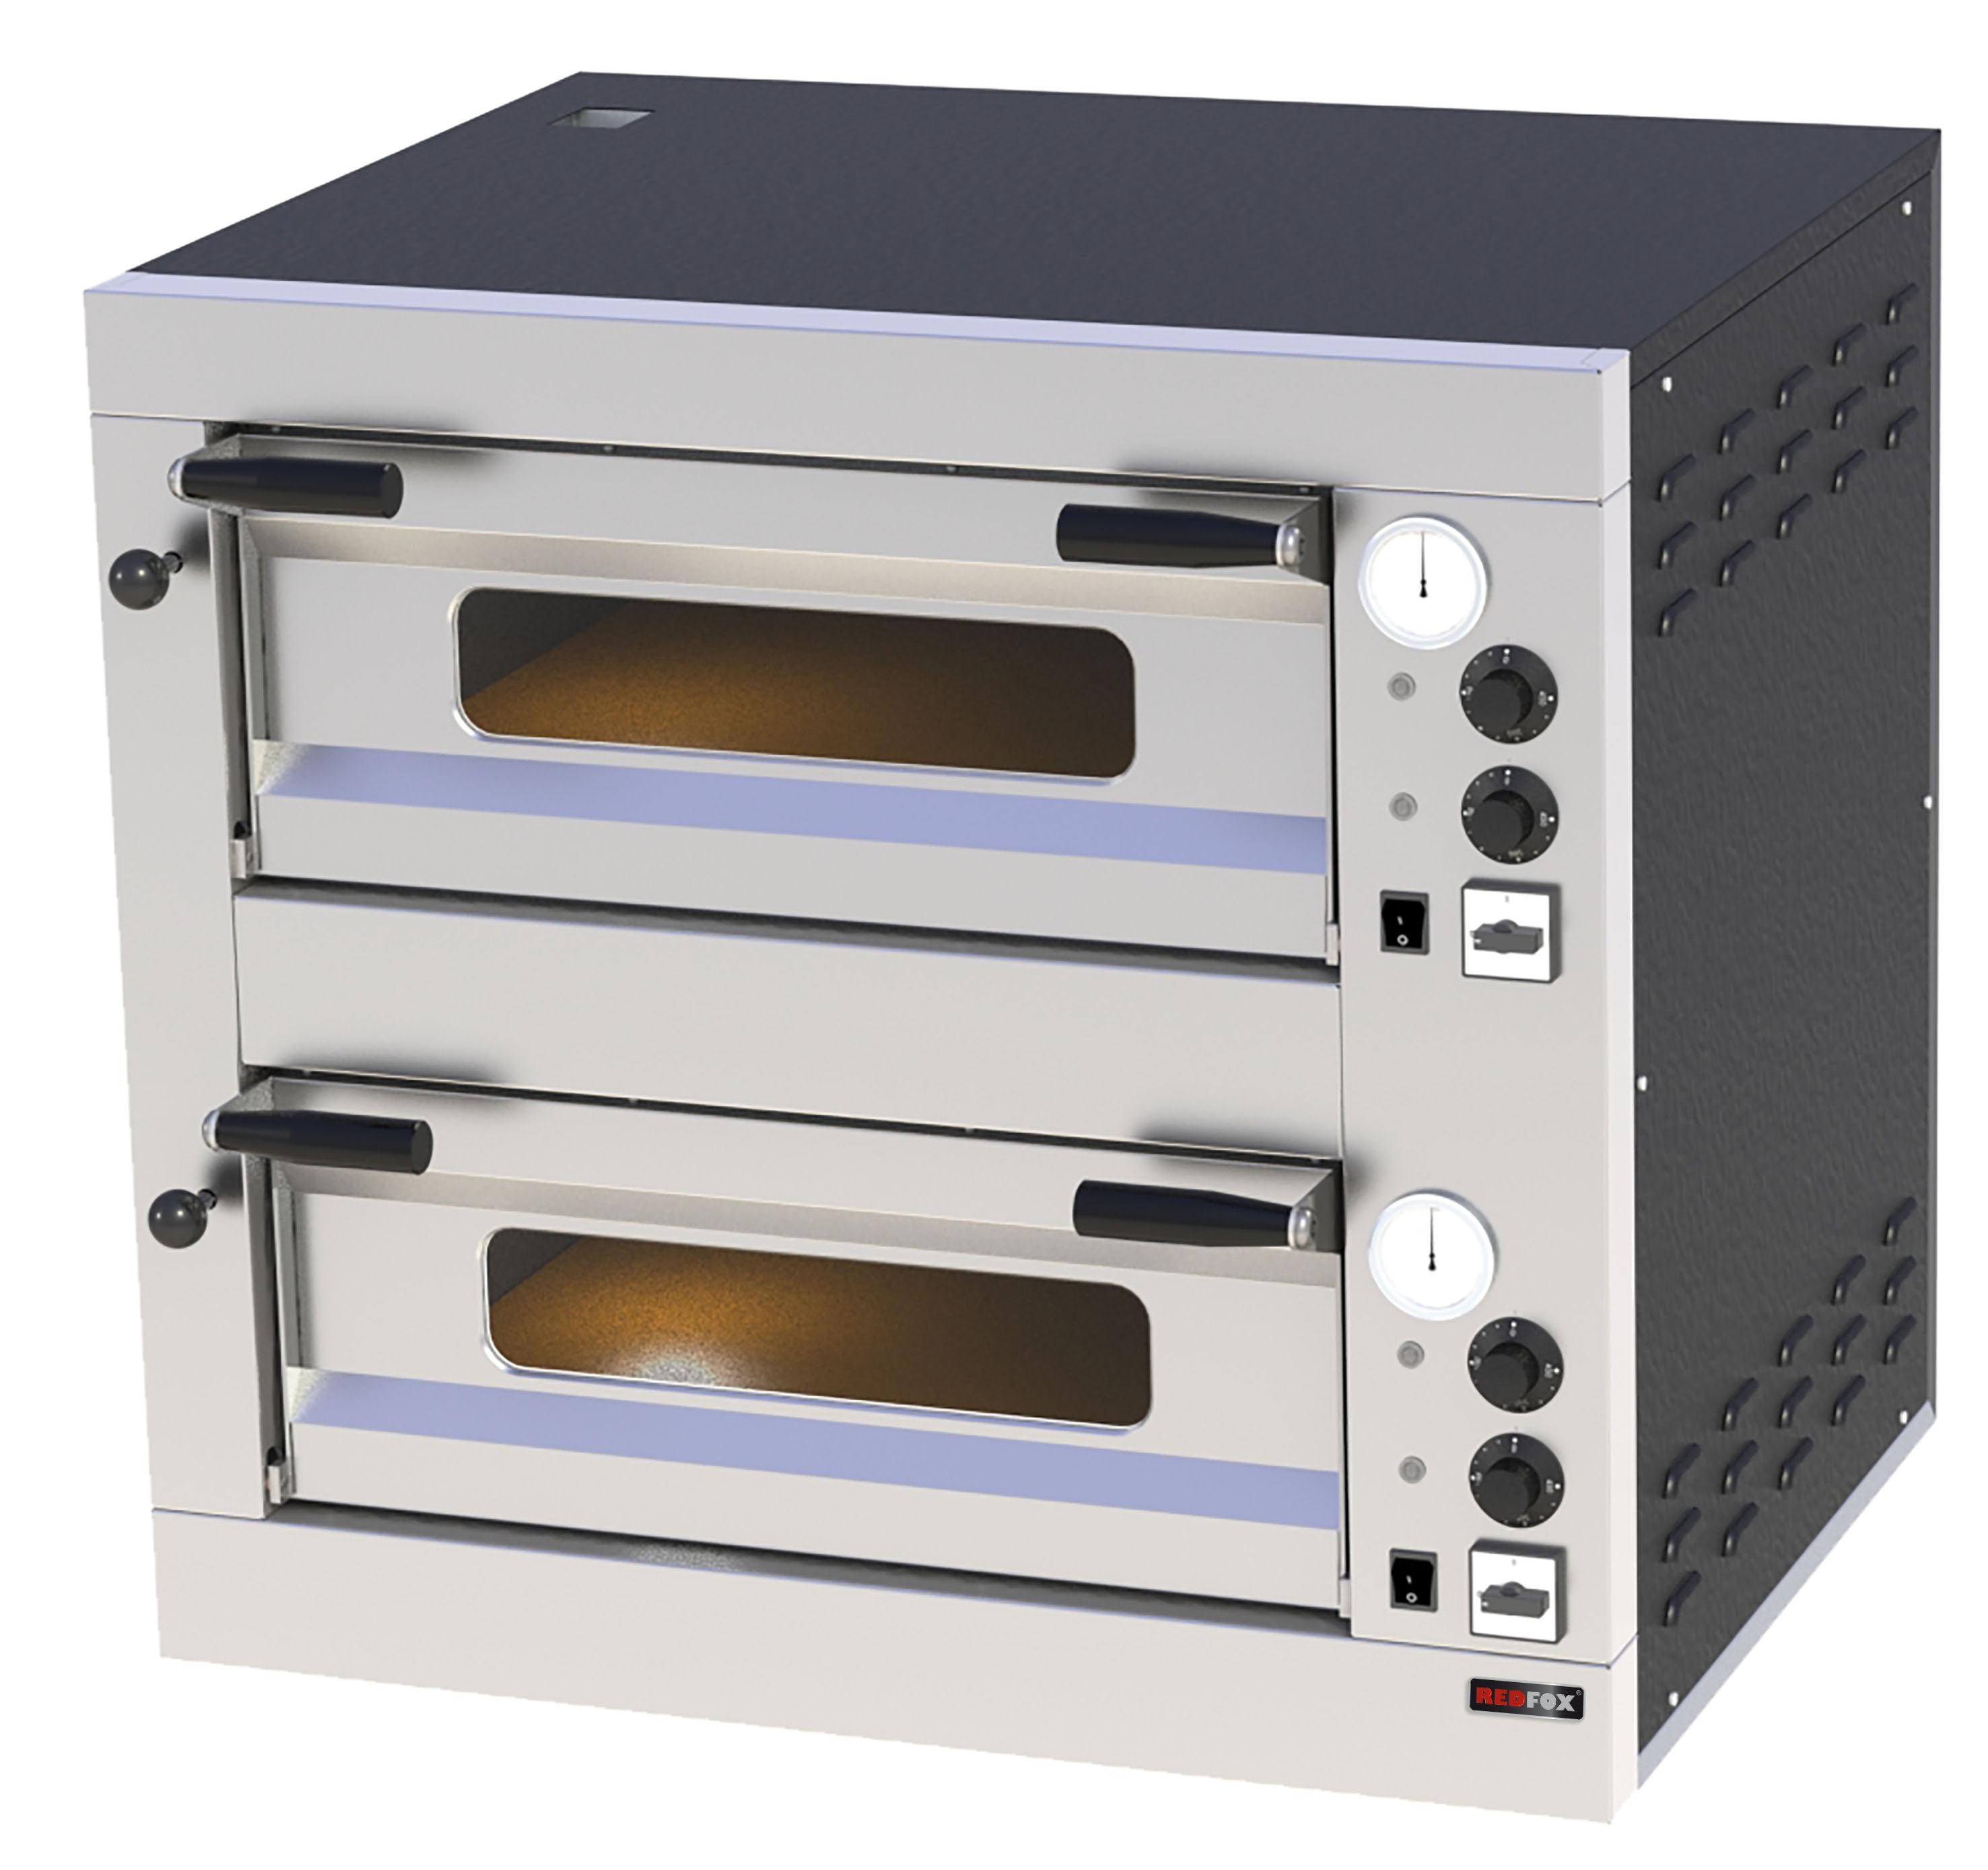 Profesionální pizza pece